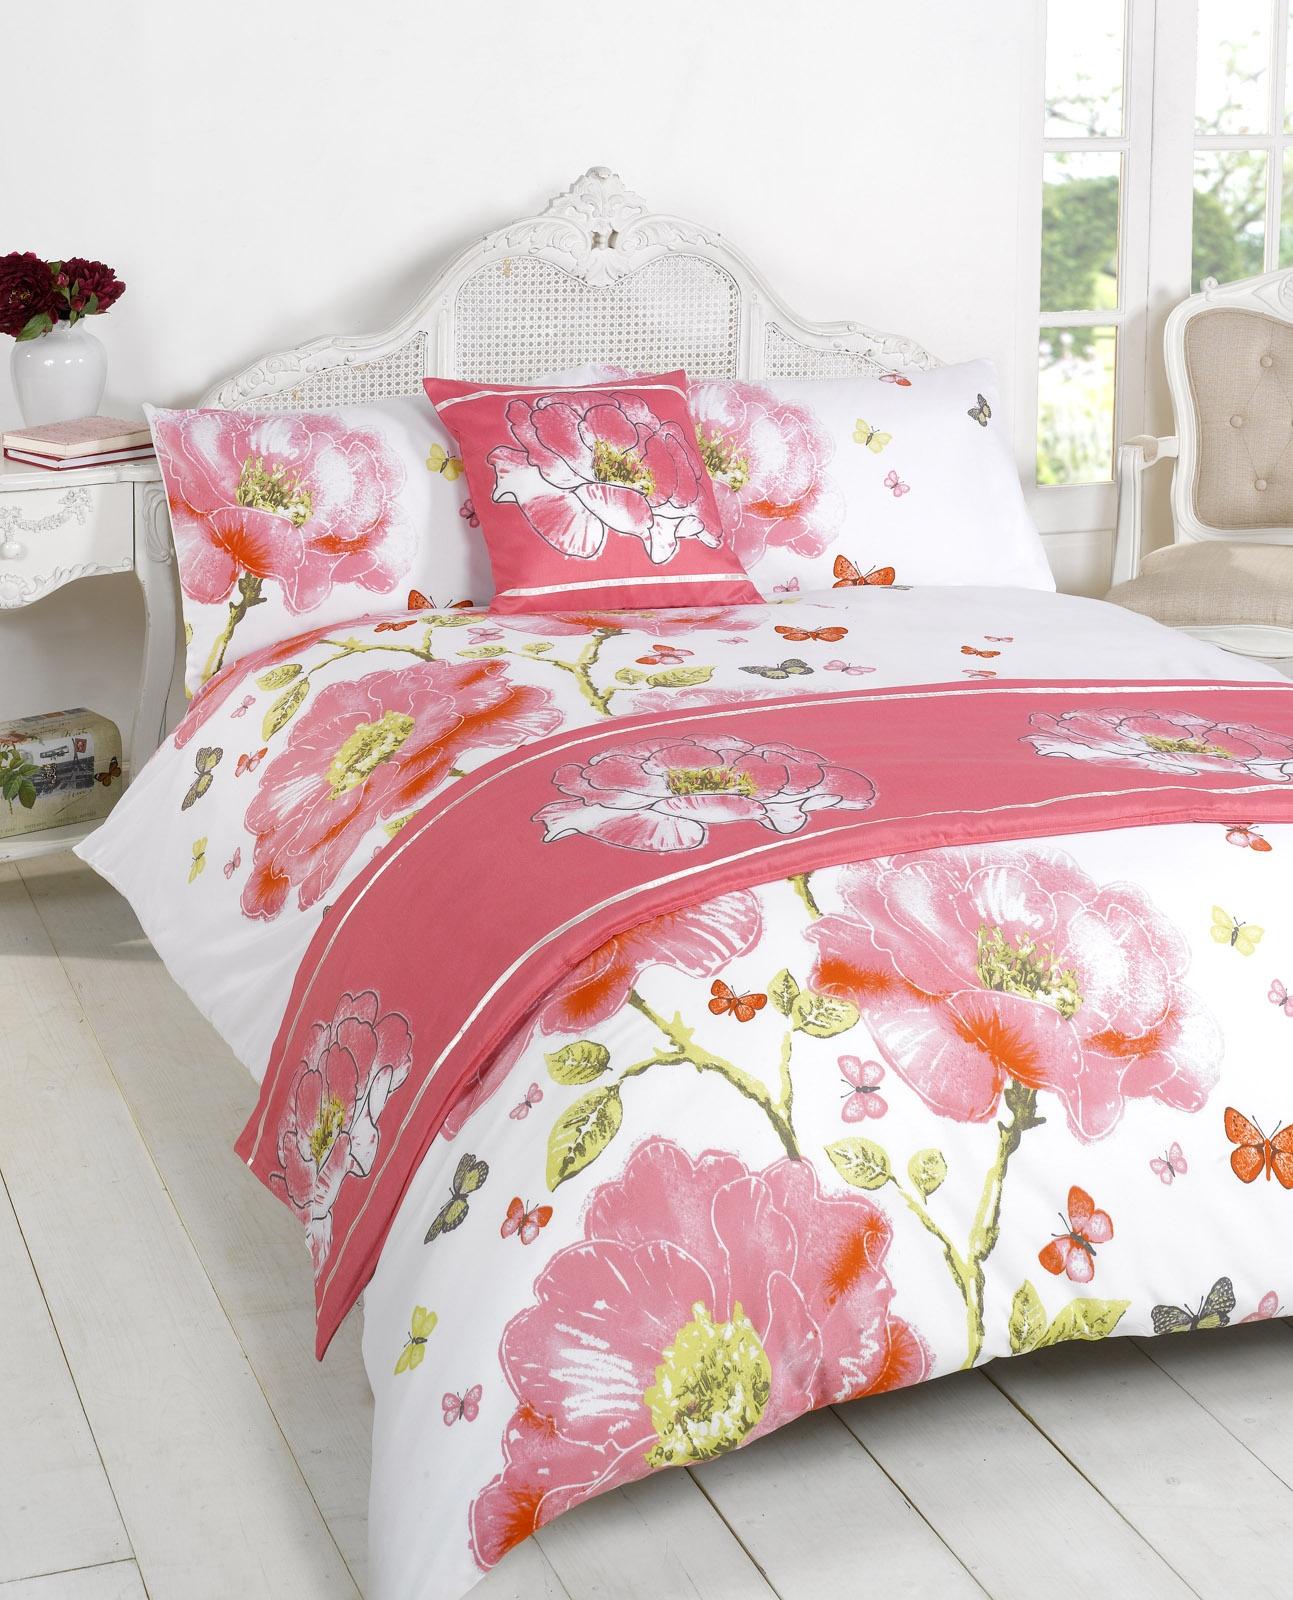 duvet quilt bedding bed in a bag pink single double king kingsize super king ebay. Black Bedroom Furniture Sets. Home Design Ideas